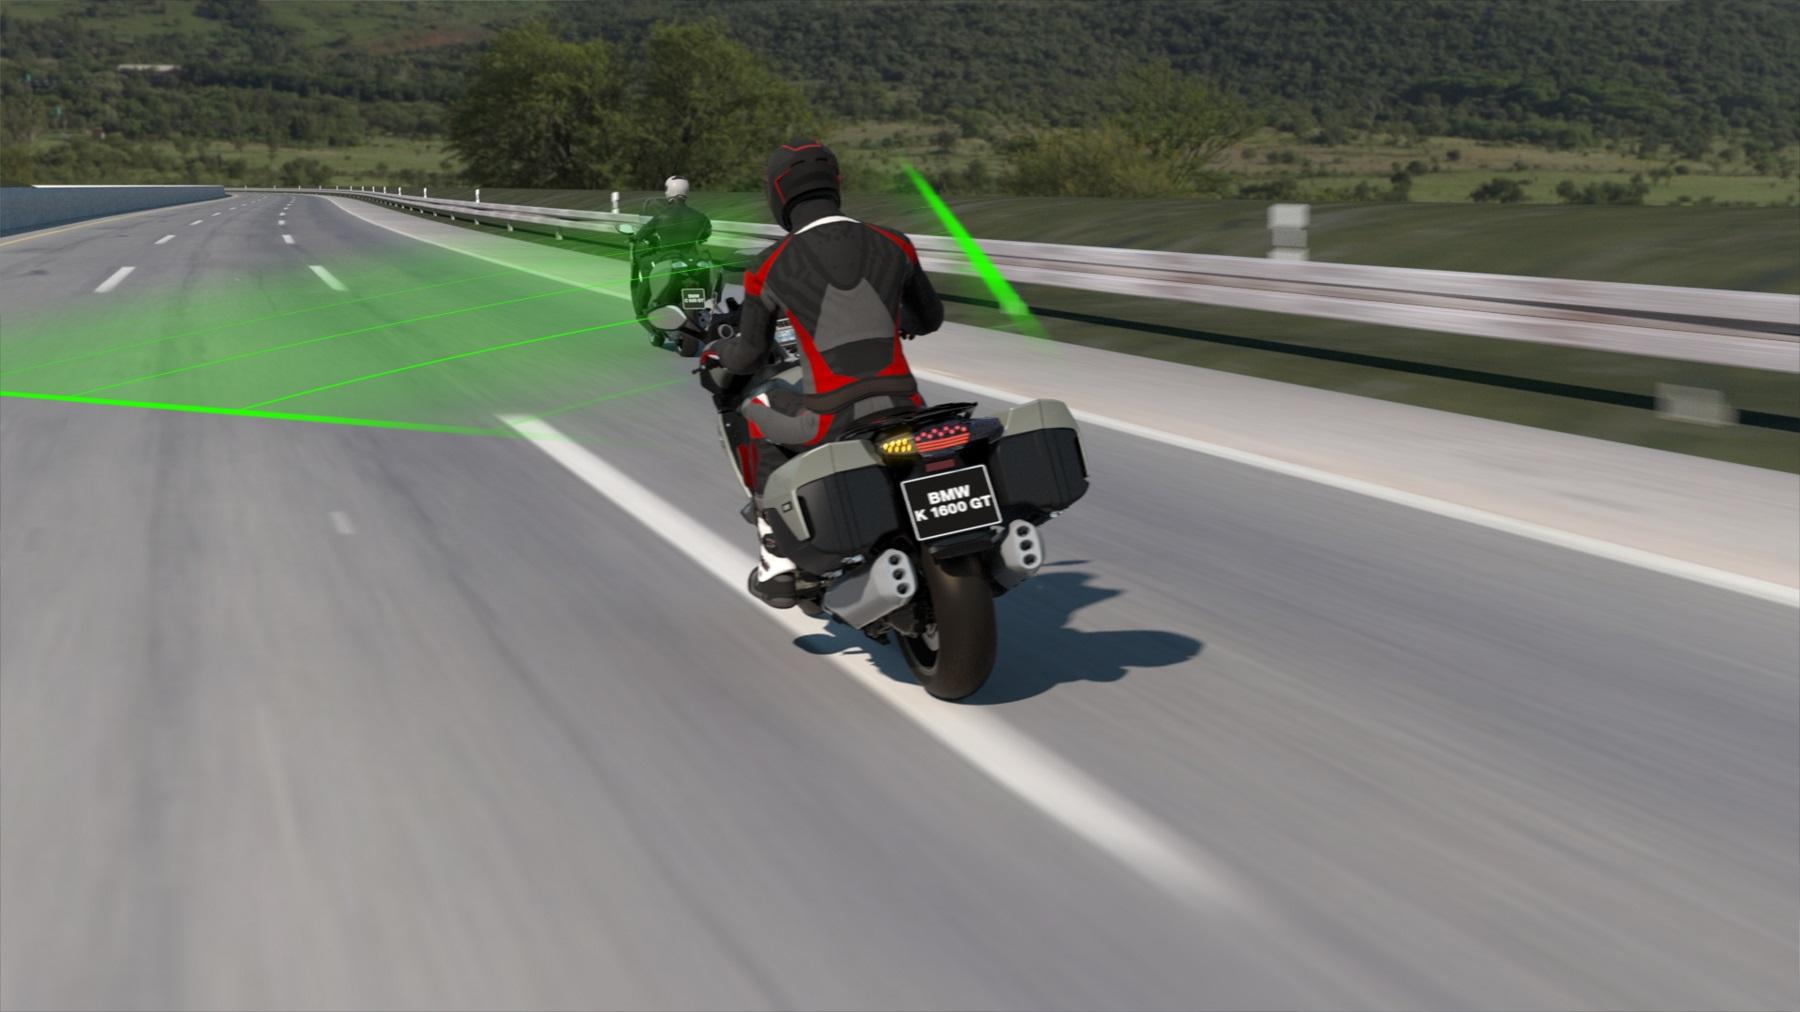 Motocykle BMW dostanú nový adaptívny tempomat